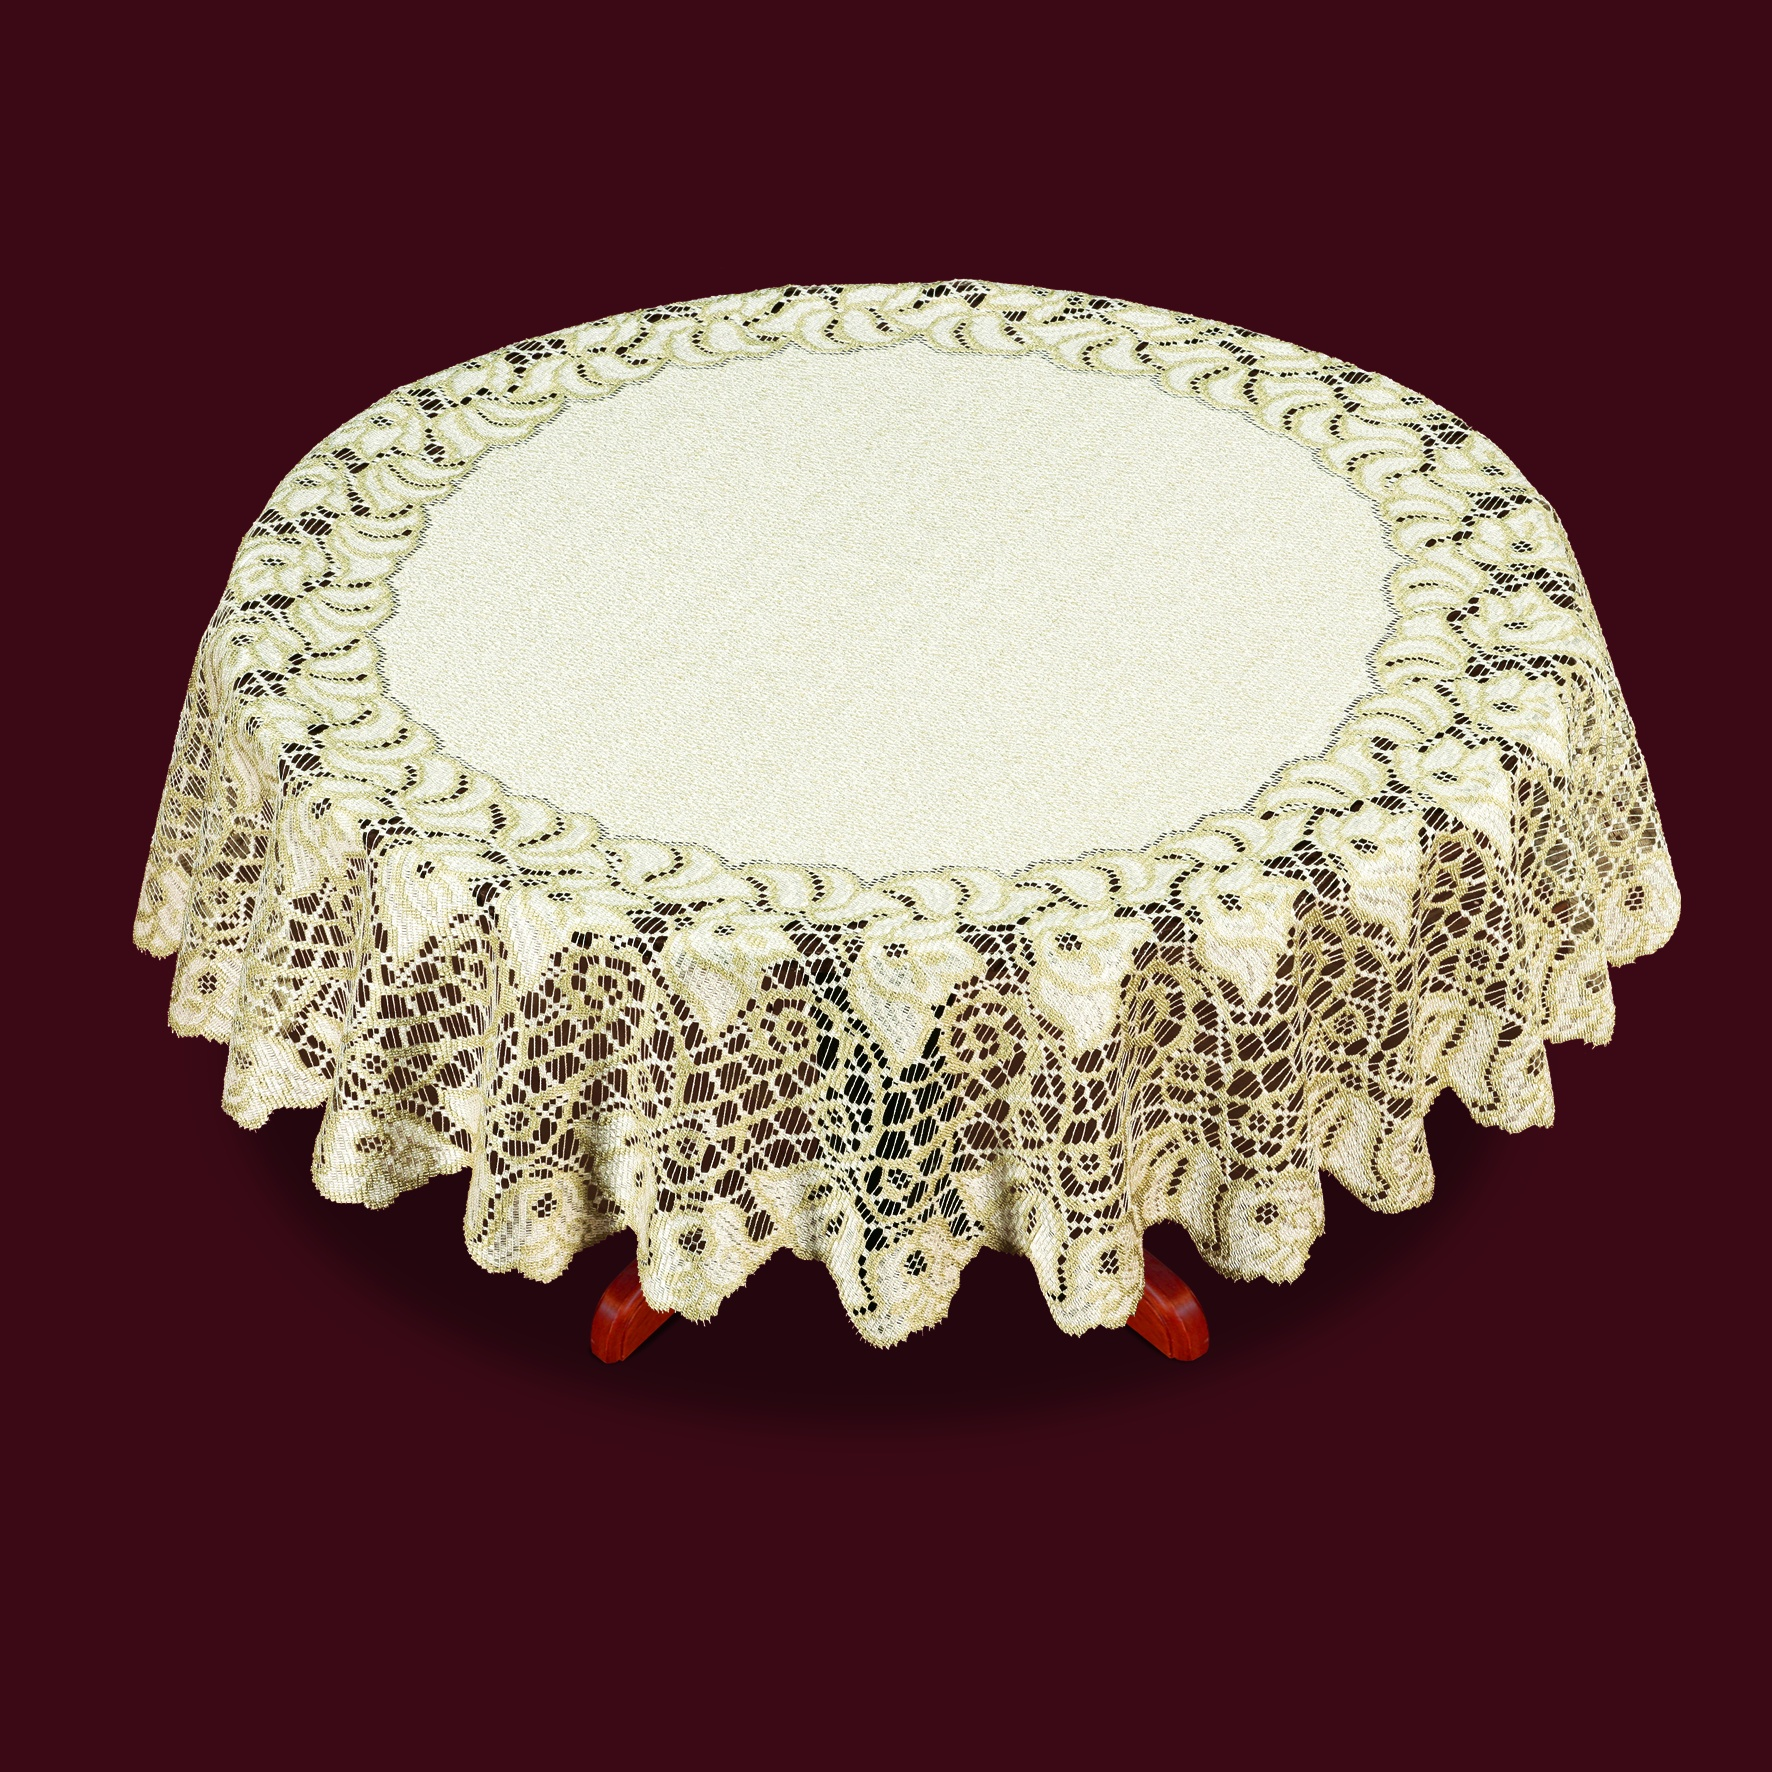 Скатерть Haft Skarb Babuni, круглая, цвет: кремовый, золотистый, диаметр 120 см скатерть haft цвет белый диаметр 120 см